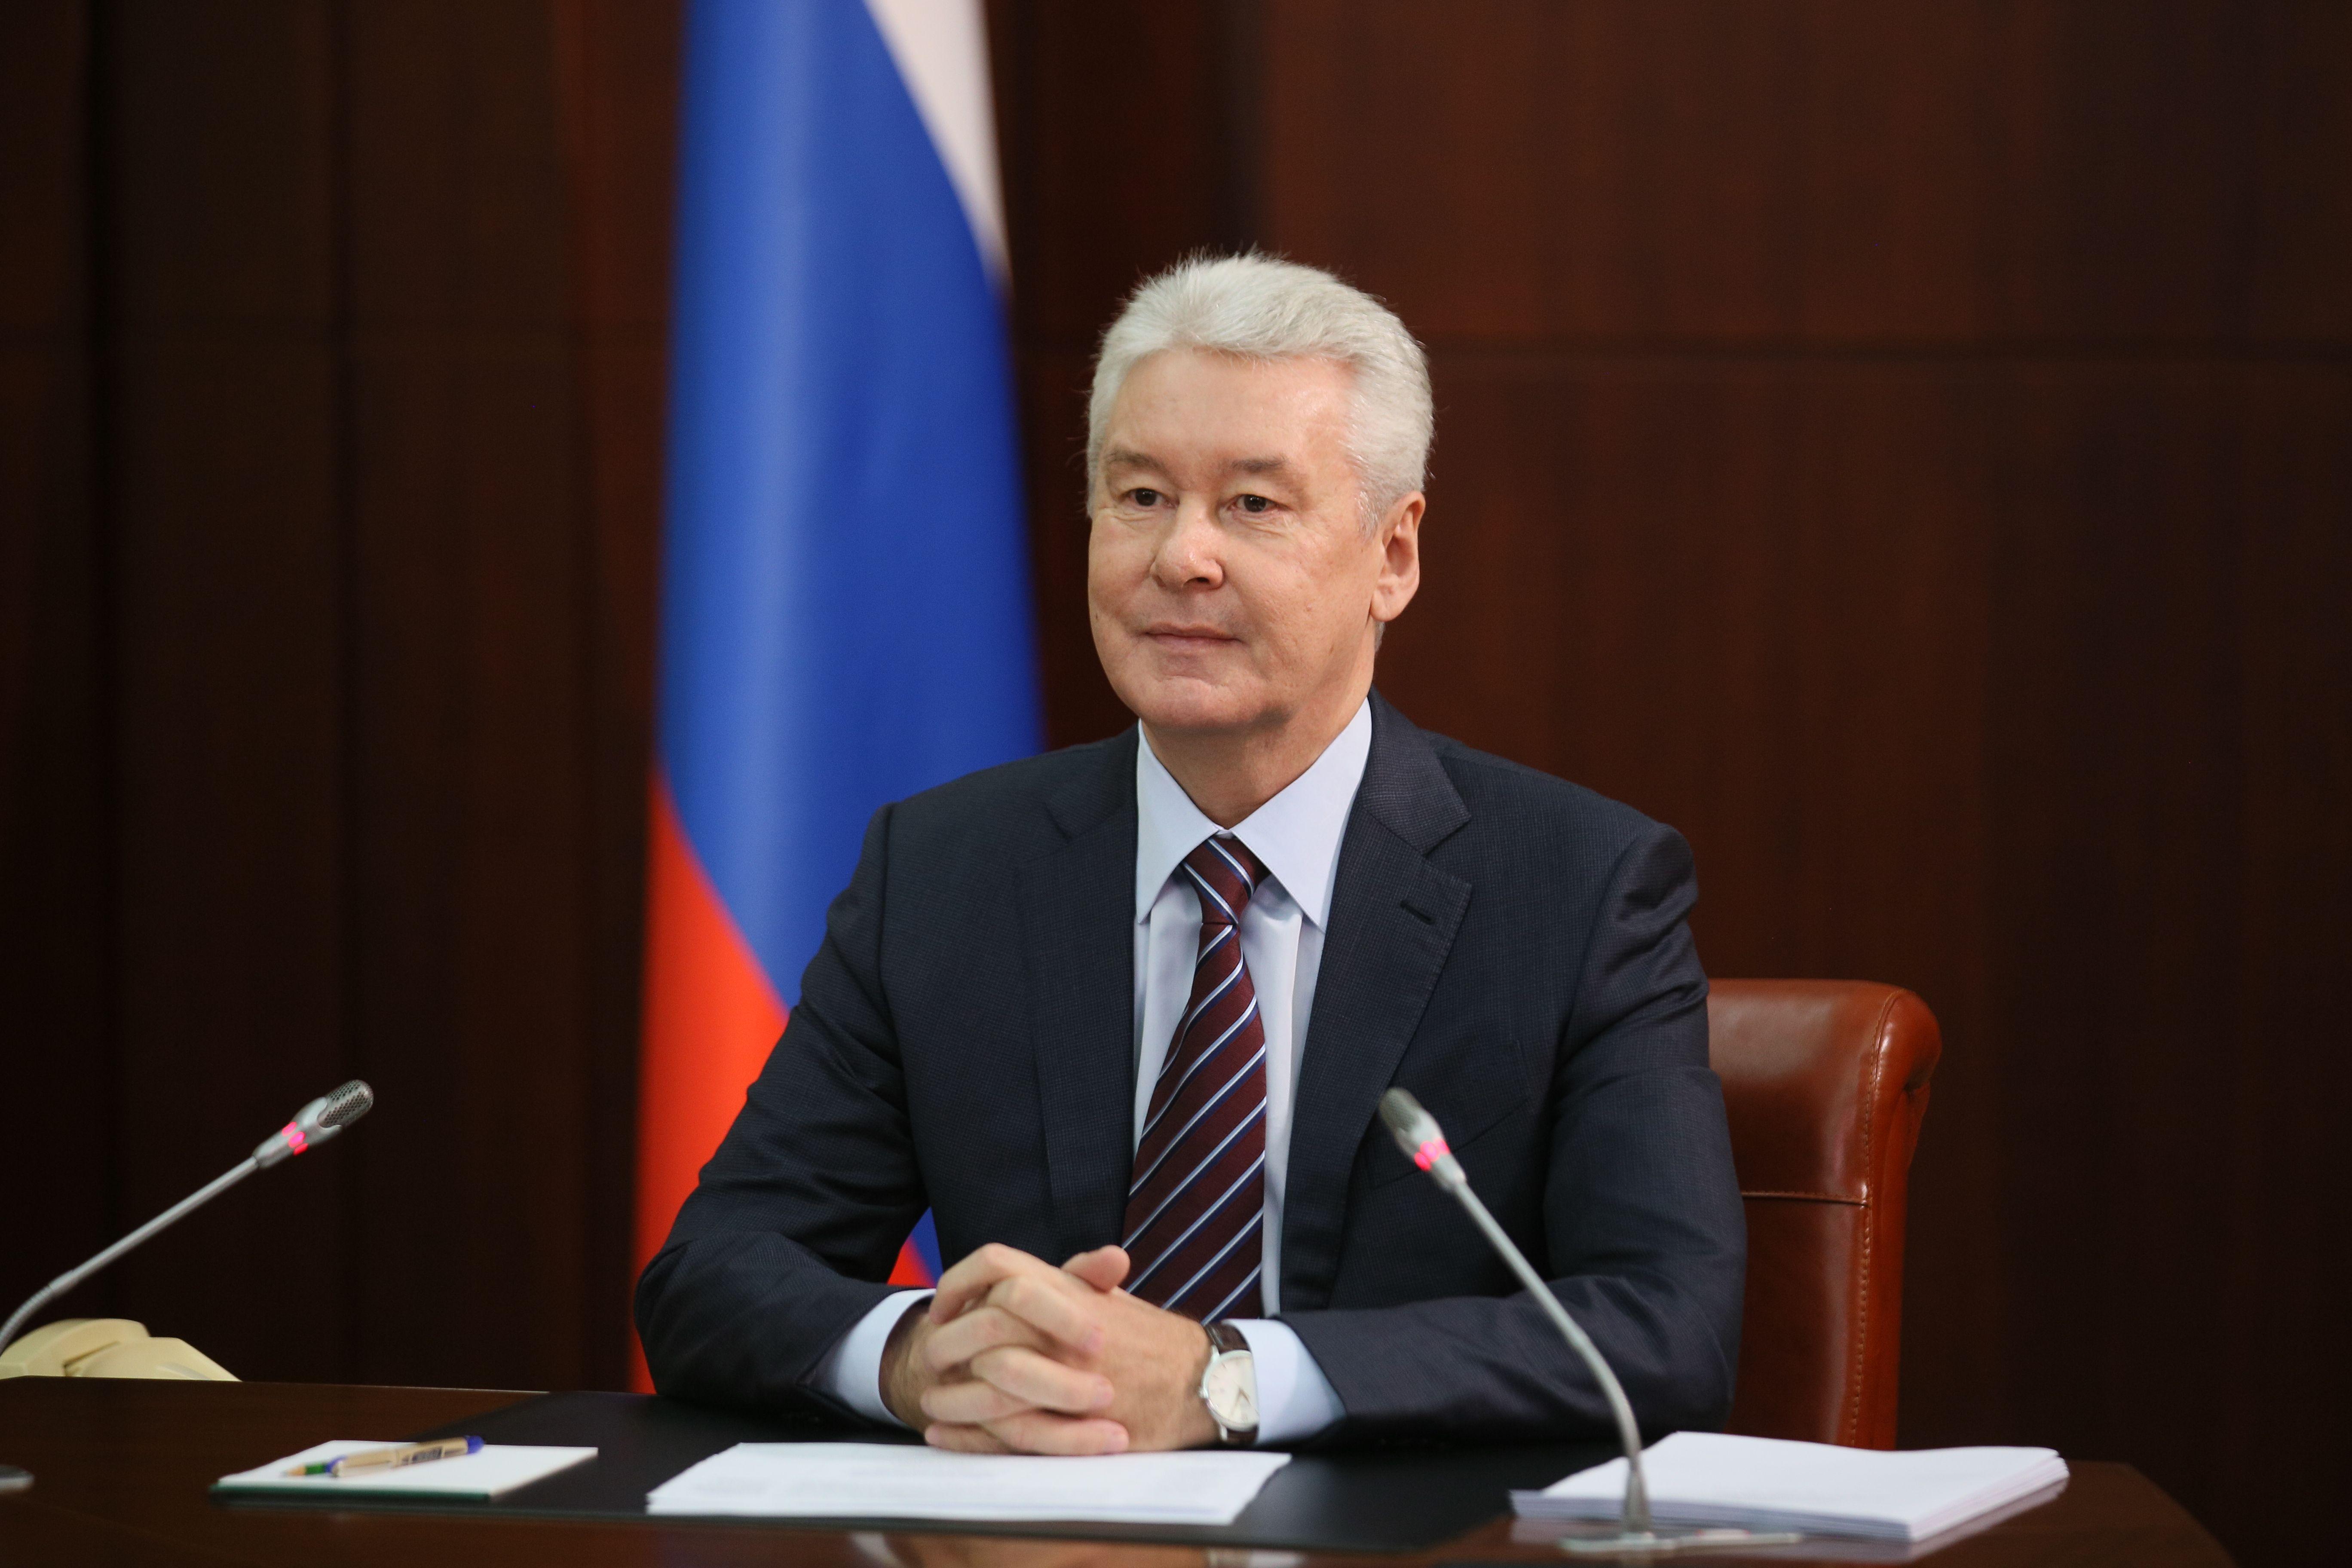 Мэр Москвы поздравил медсестер и медбратьев с профессиональным праздником